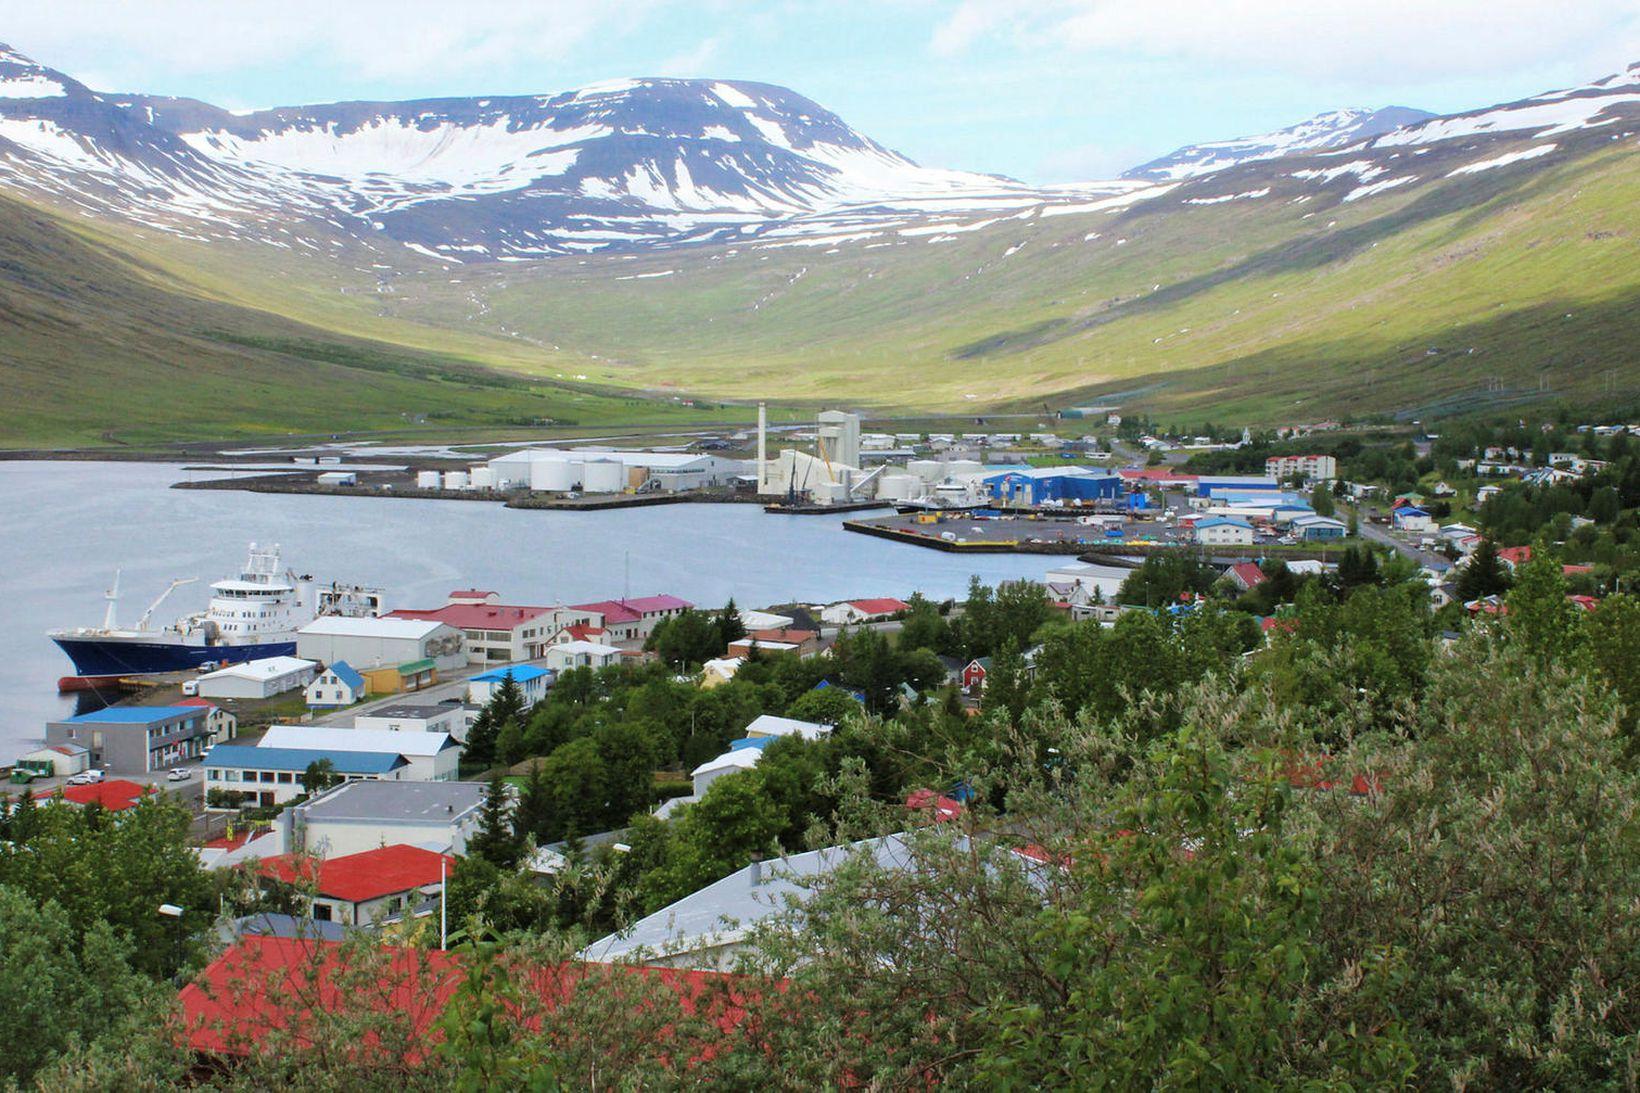 Frá Eskifirði. Maðurinn er í sjálfheldu við Hólmatind.